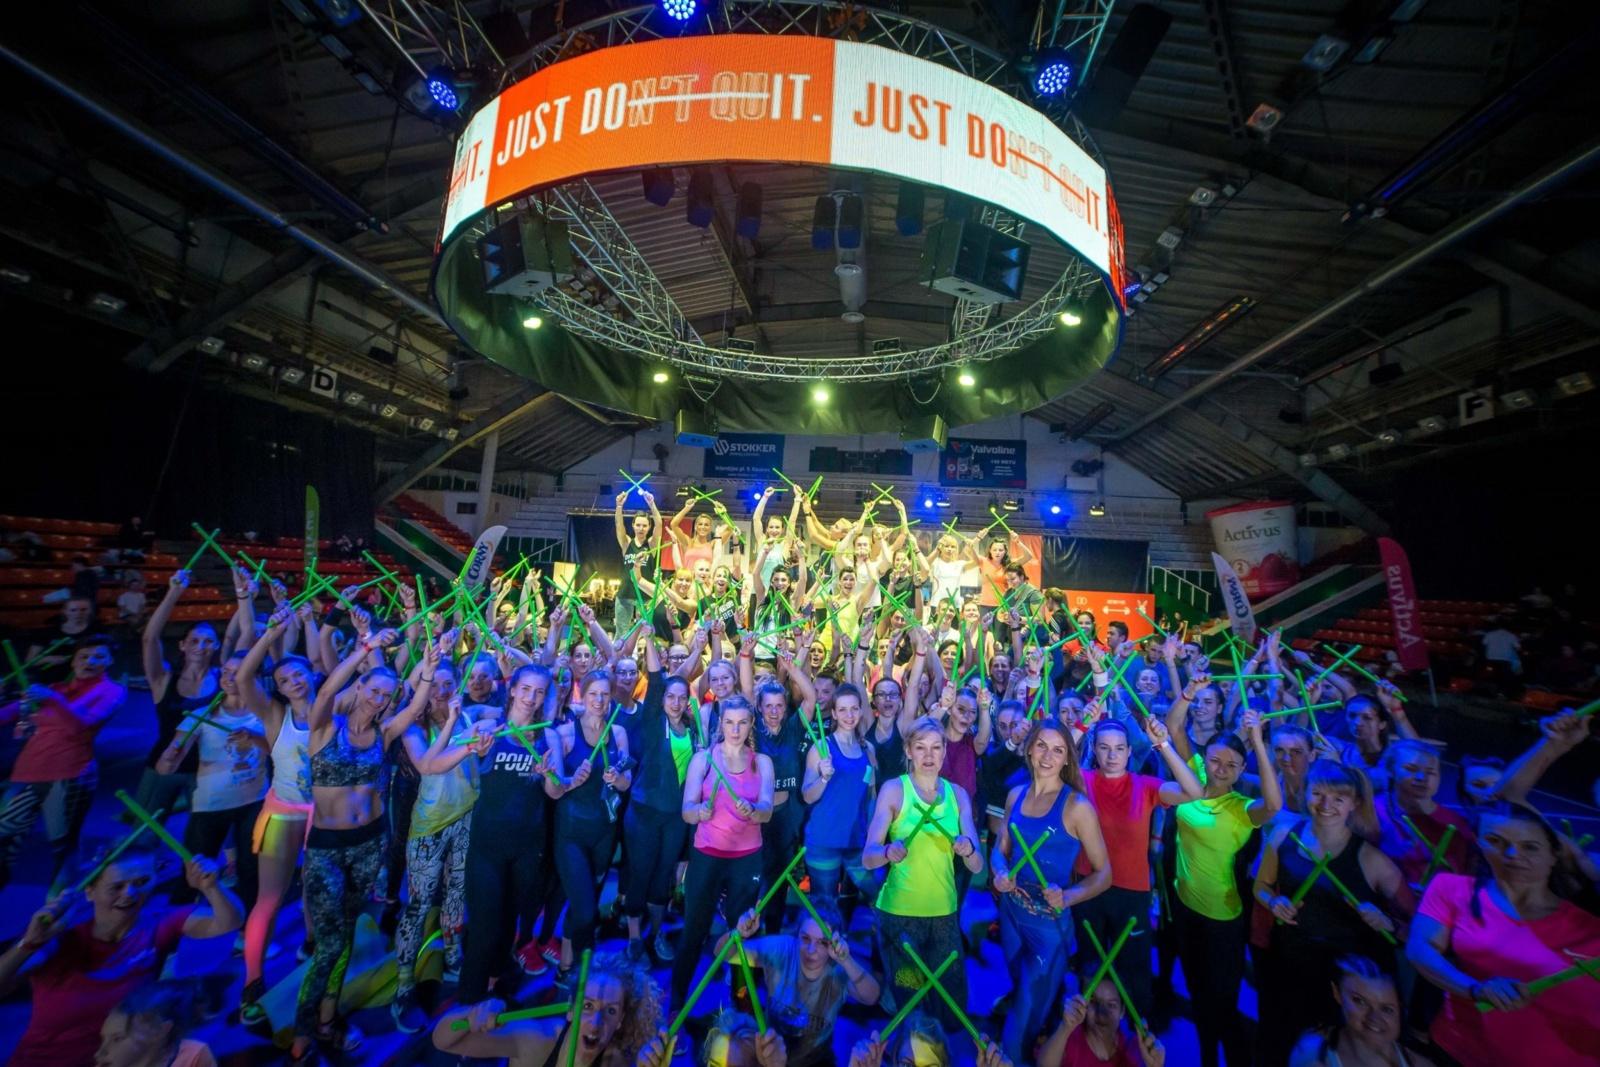 Didžiausias treniruočių festivalis Lietuvoje – jau šį savaitgalį